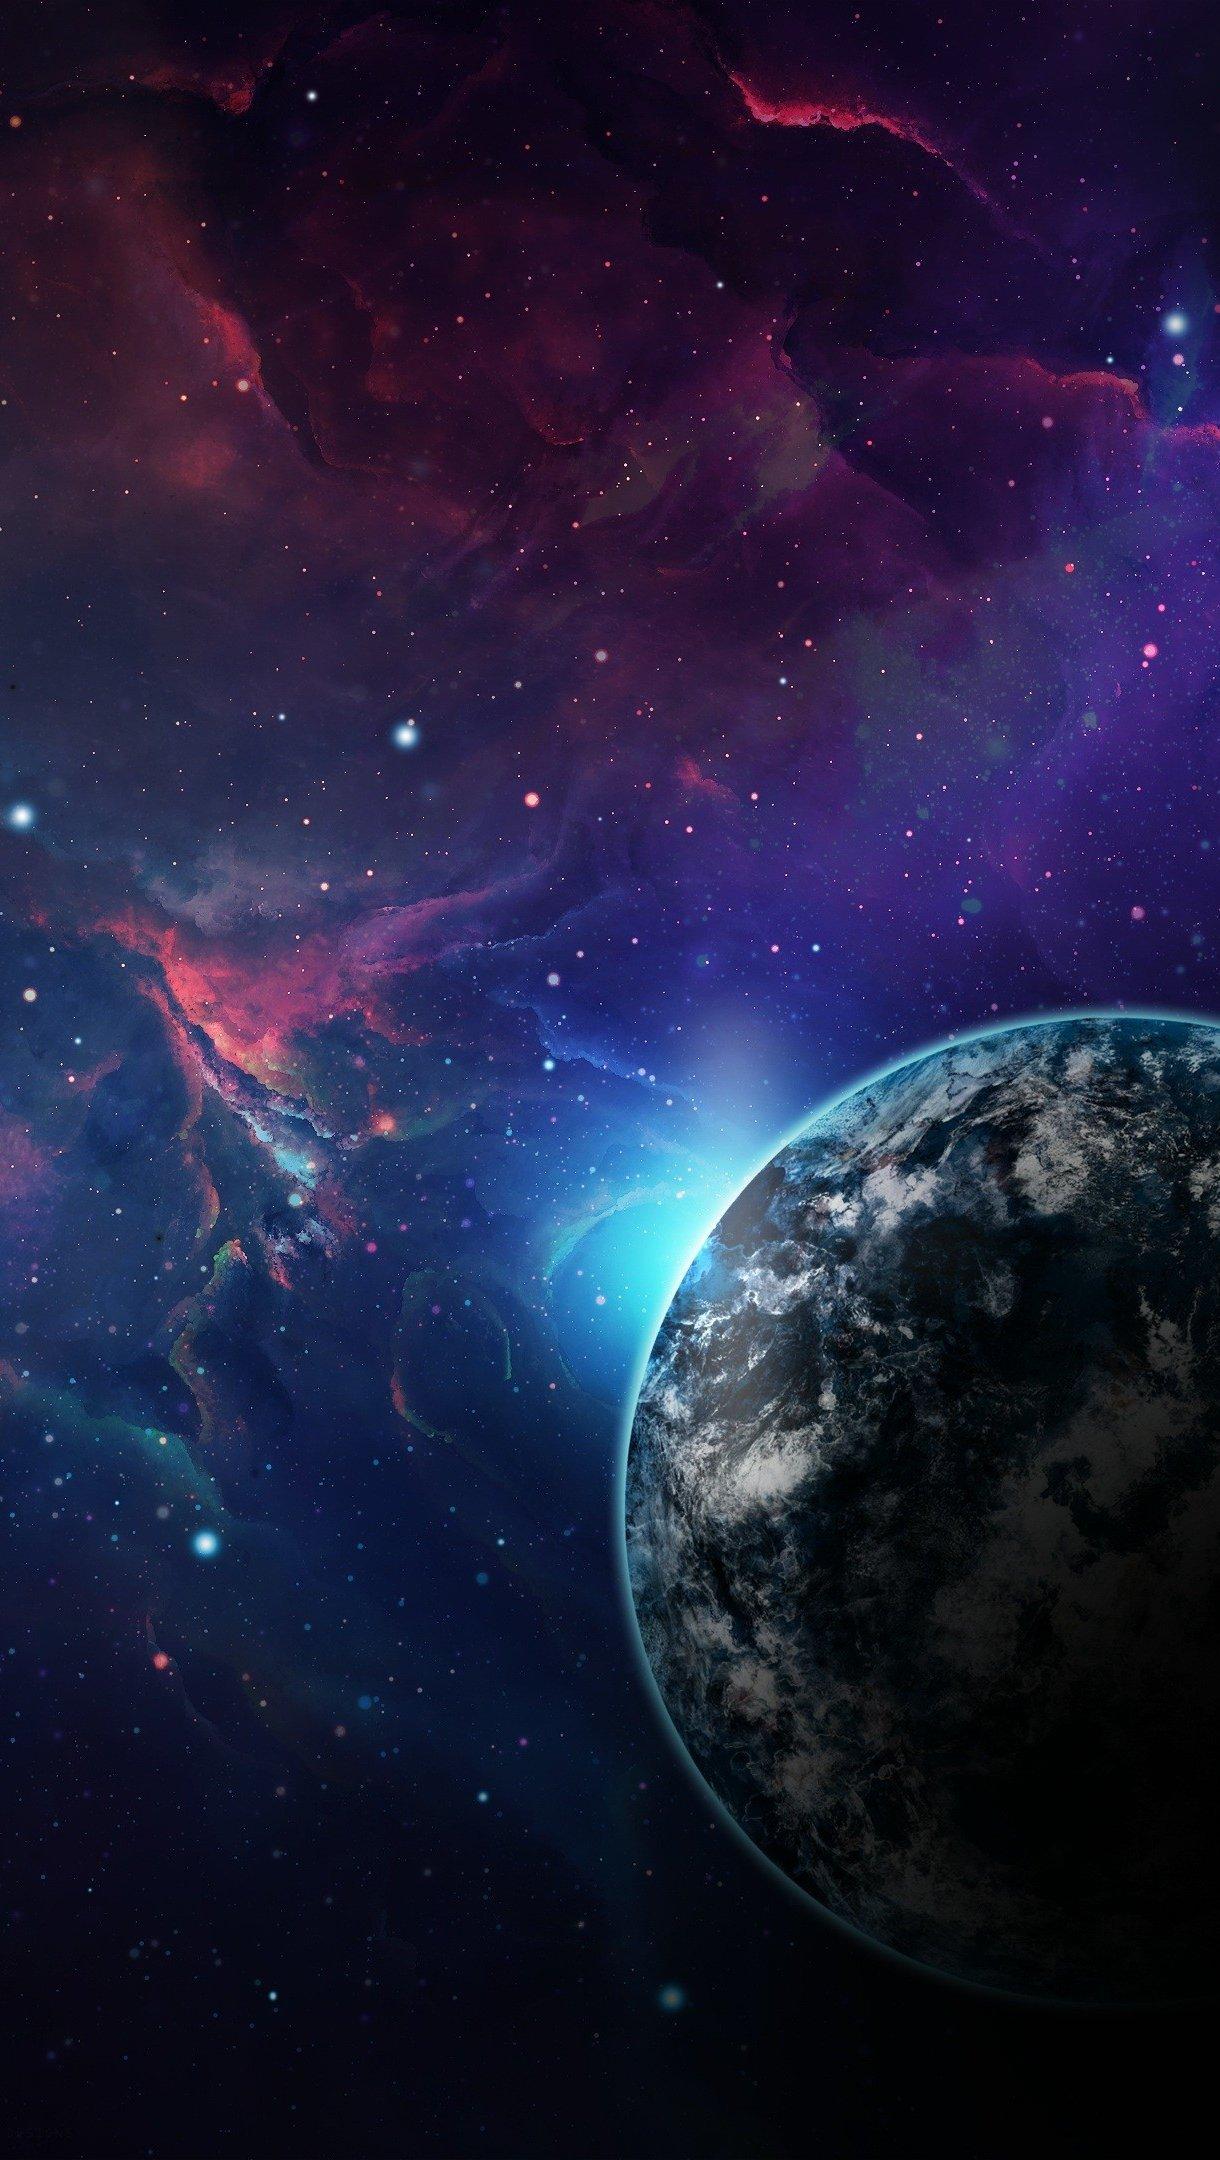 Fondos de pantalla Planetas en el espacio Vertical